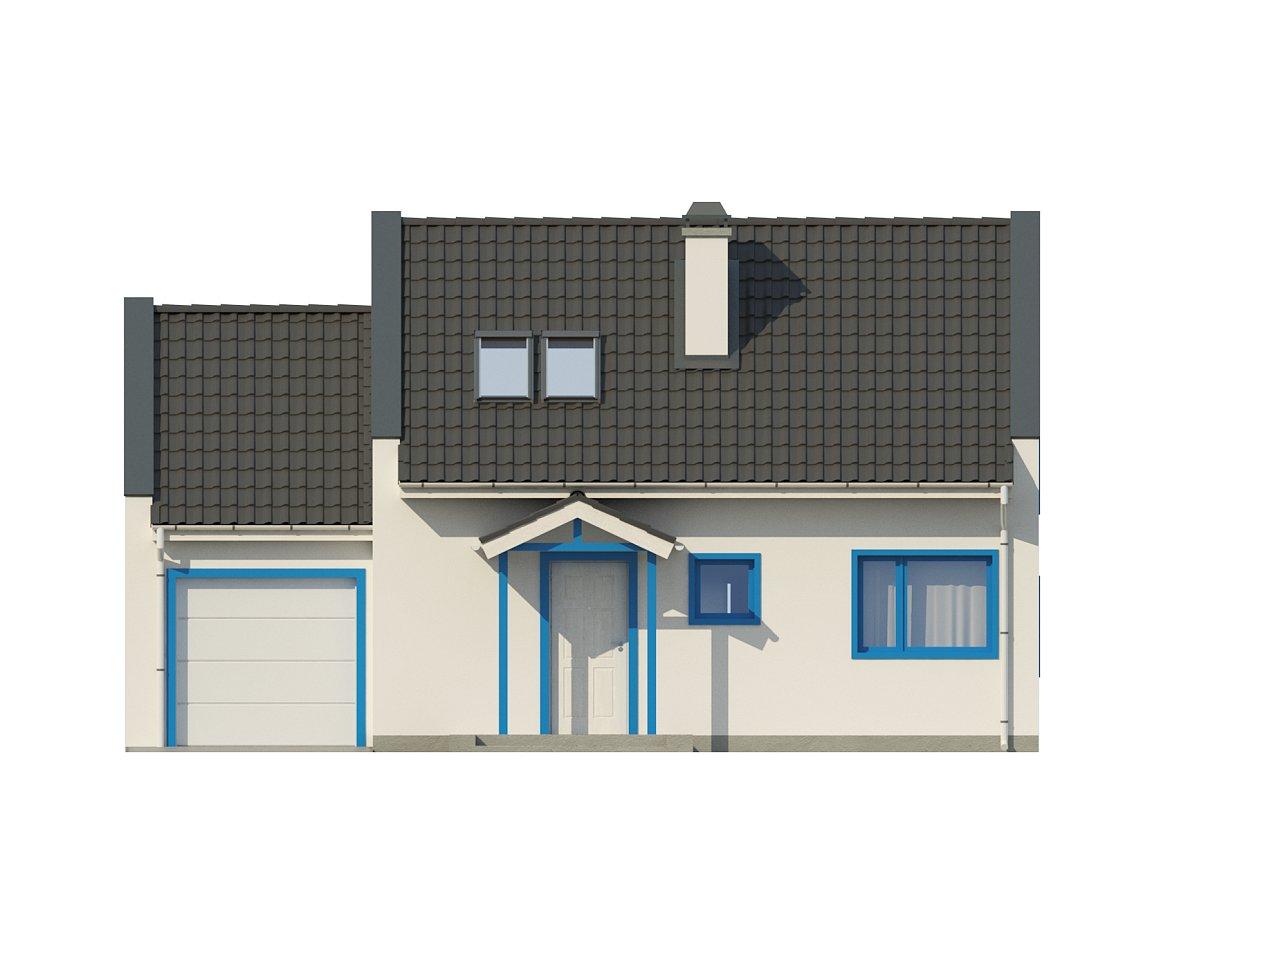 Компактный дом с гаражом для одной машины, с большими окнами в гостиной. 14